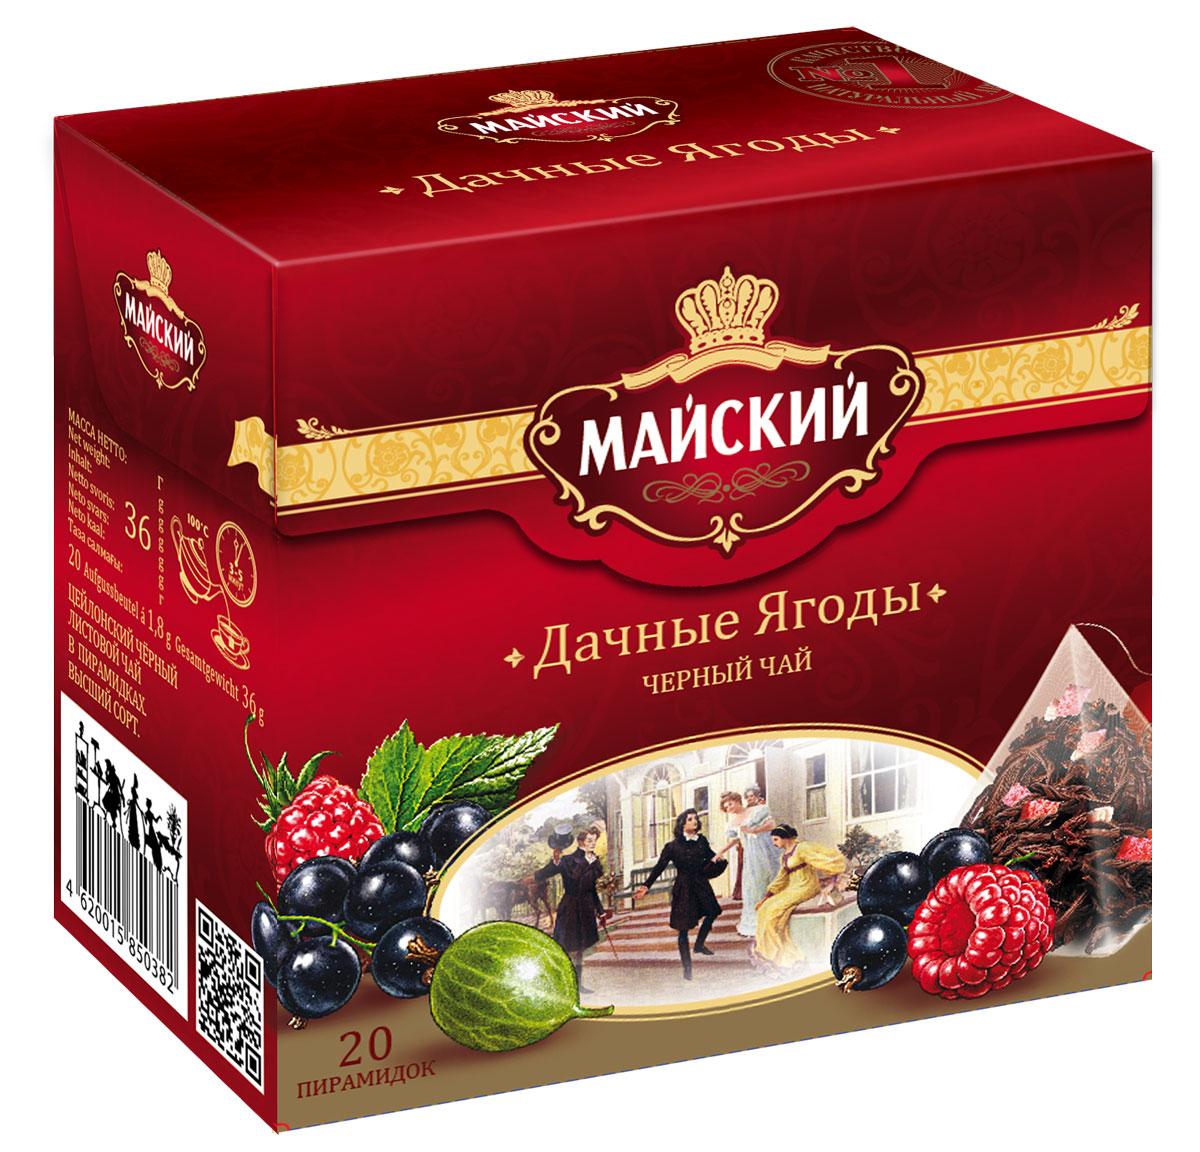 Майский Дачные ягоды черный чай в пирамидках, 20 шт newby masala chai черный листовой чай со специями в пирамидках 15 шт